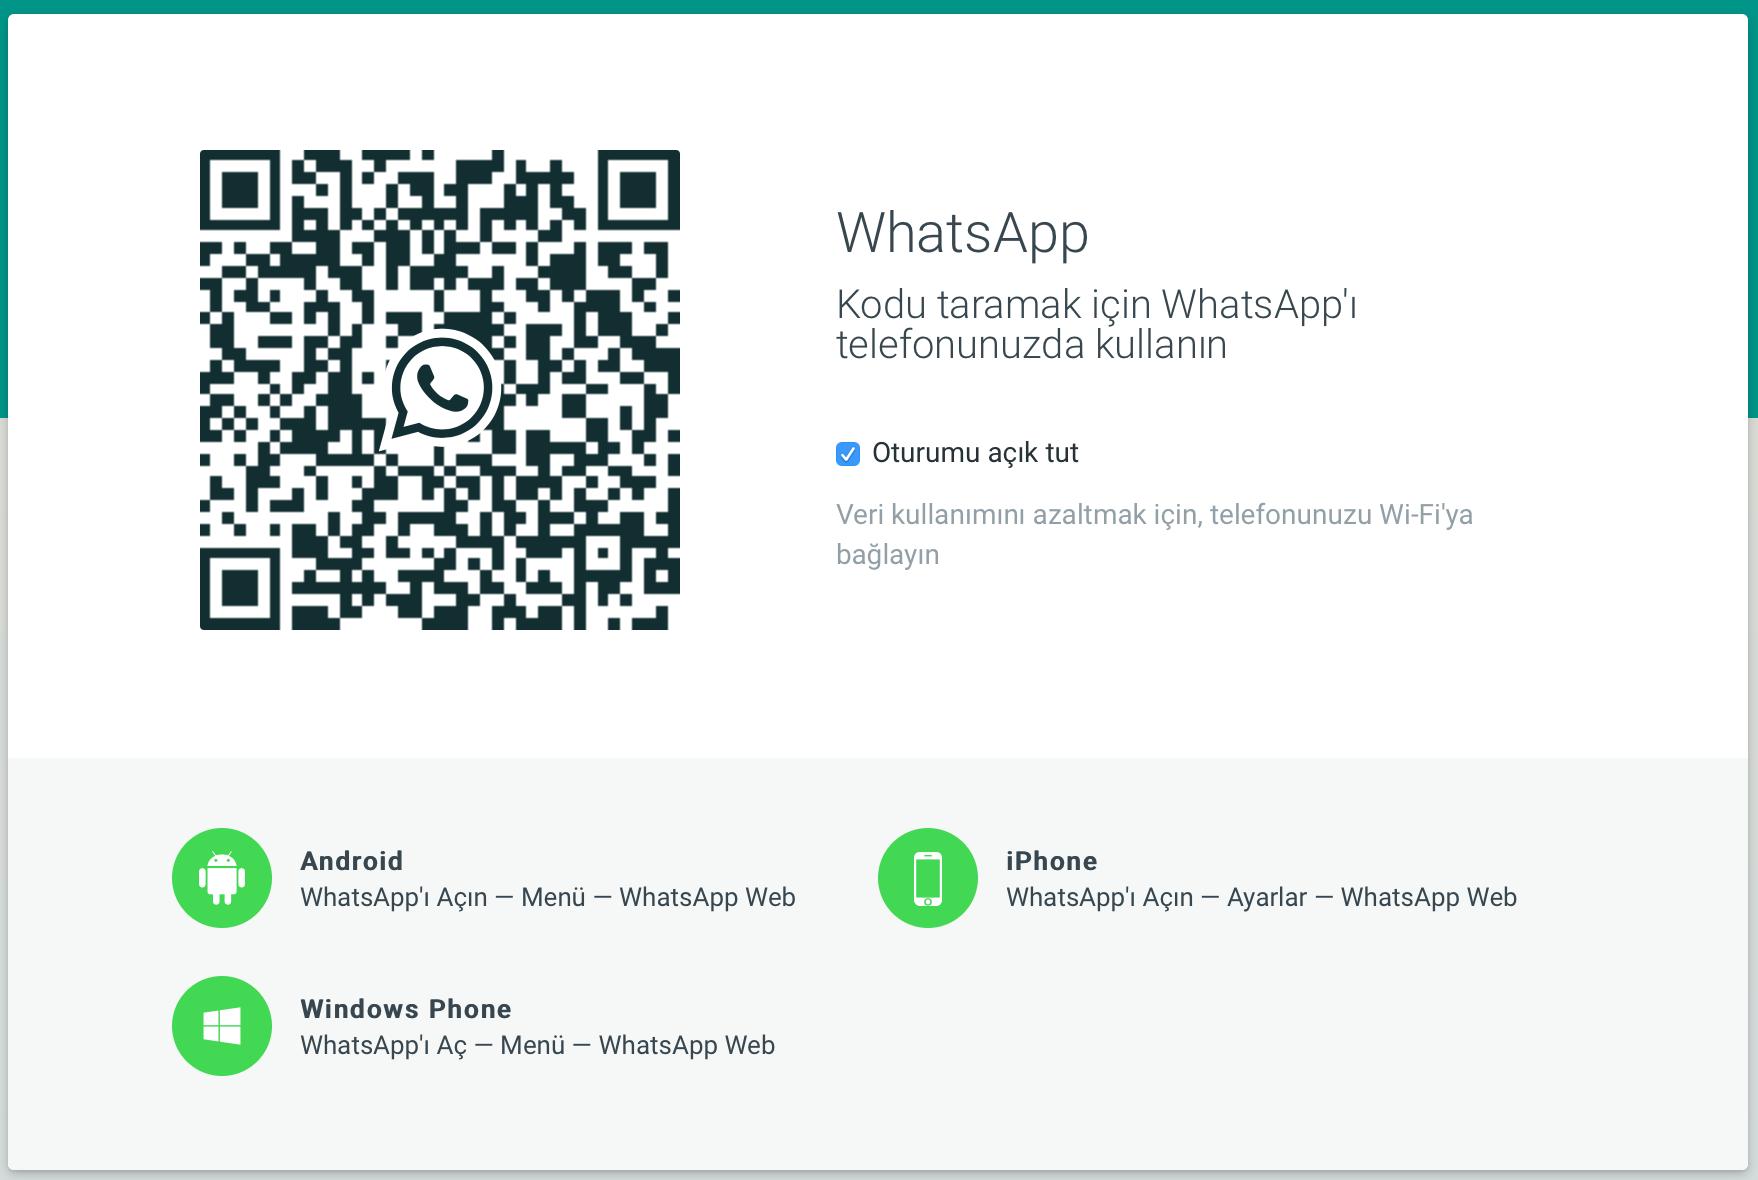 1487076513_whatsapp-web-nasil-kullanilir.png